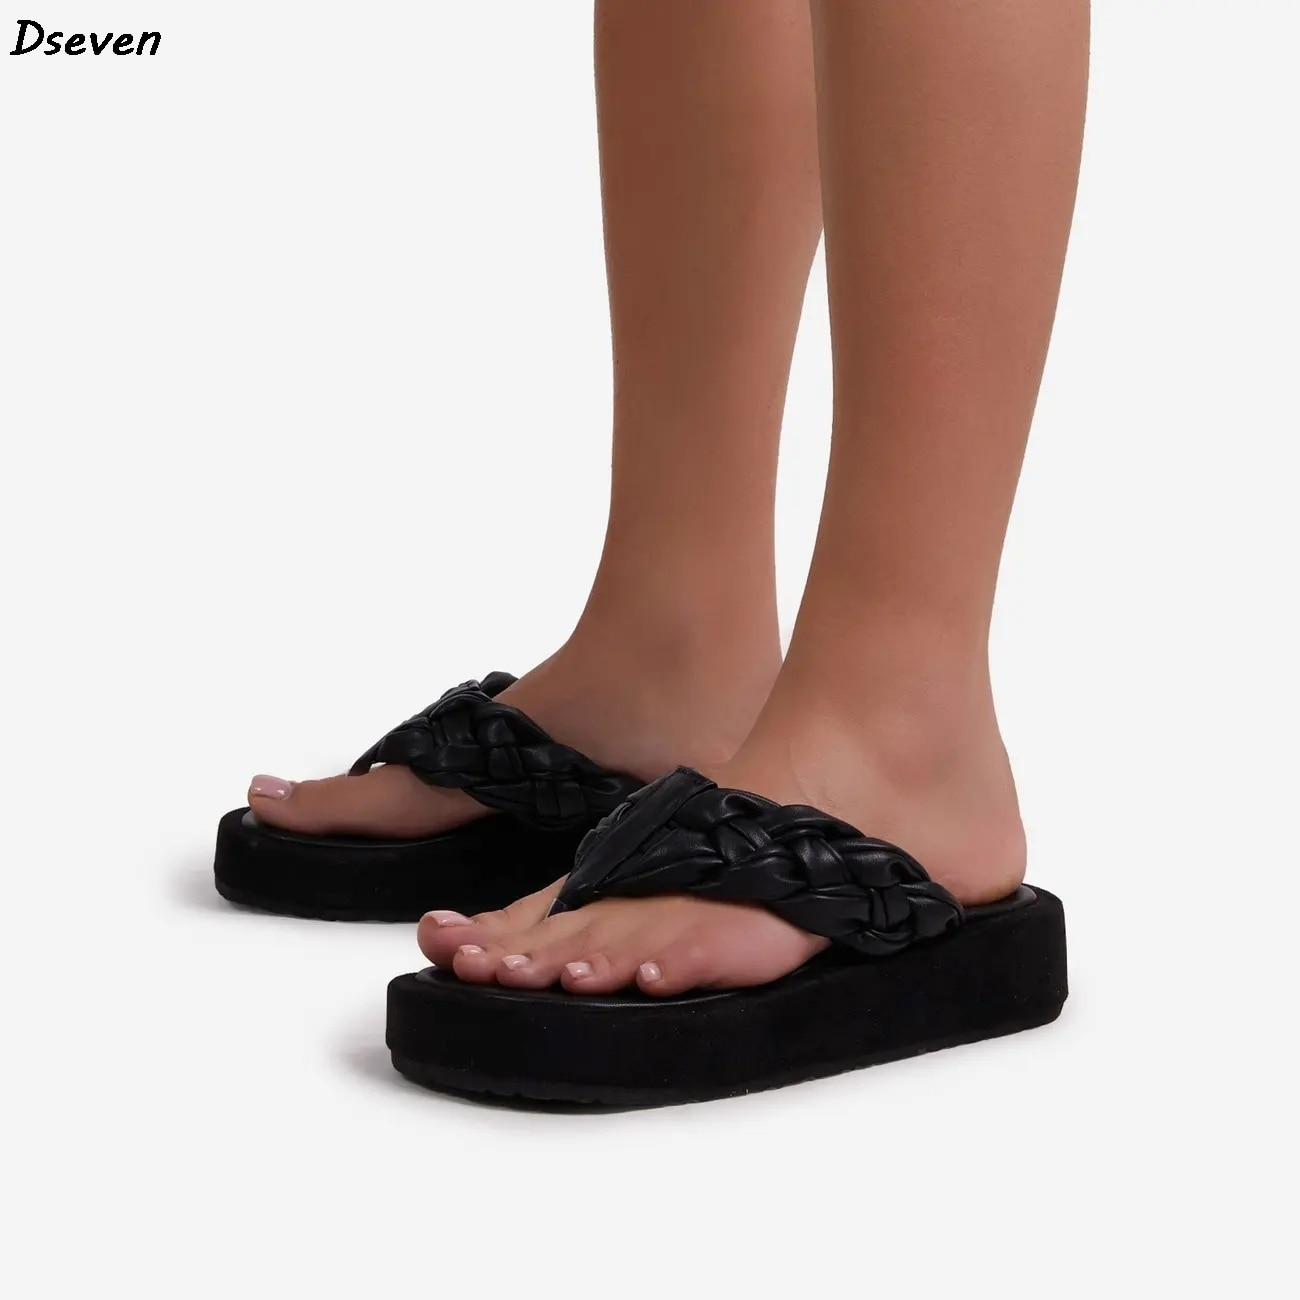 Chinelos de Couro Sandálias para Mulheres Sandalias de Mujer Nova Mulher Macio Tecido Verão Flip Flops Plataforma Sandálias Senhoras Chinelos